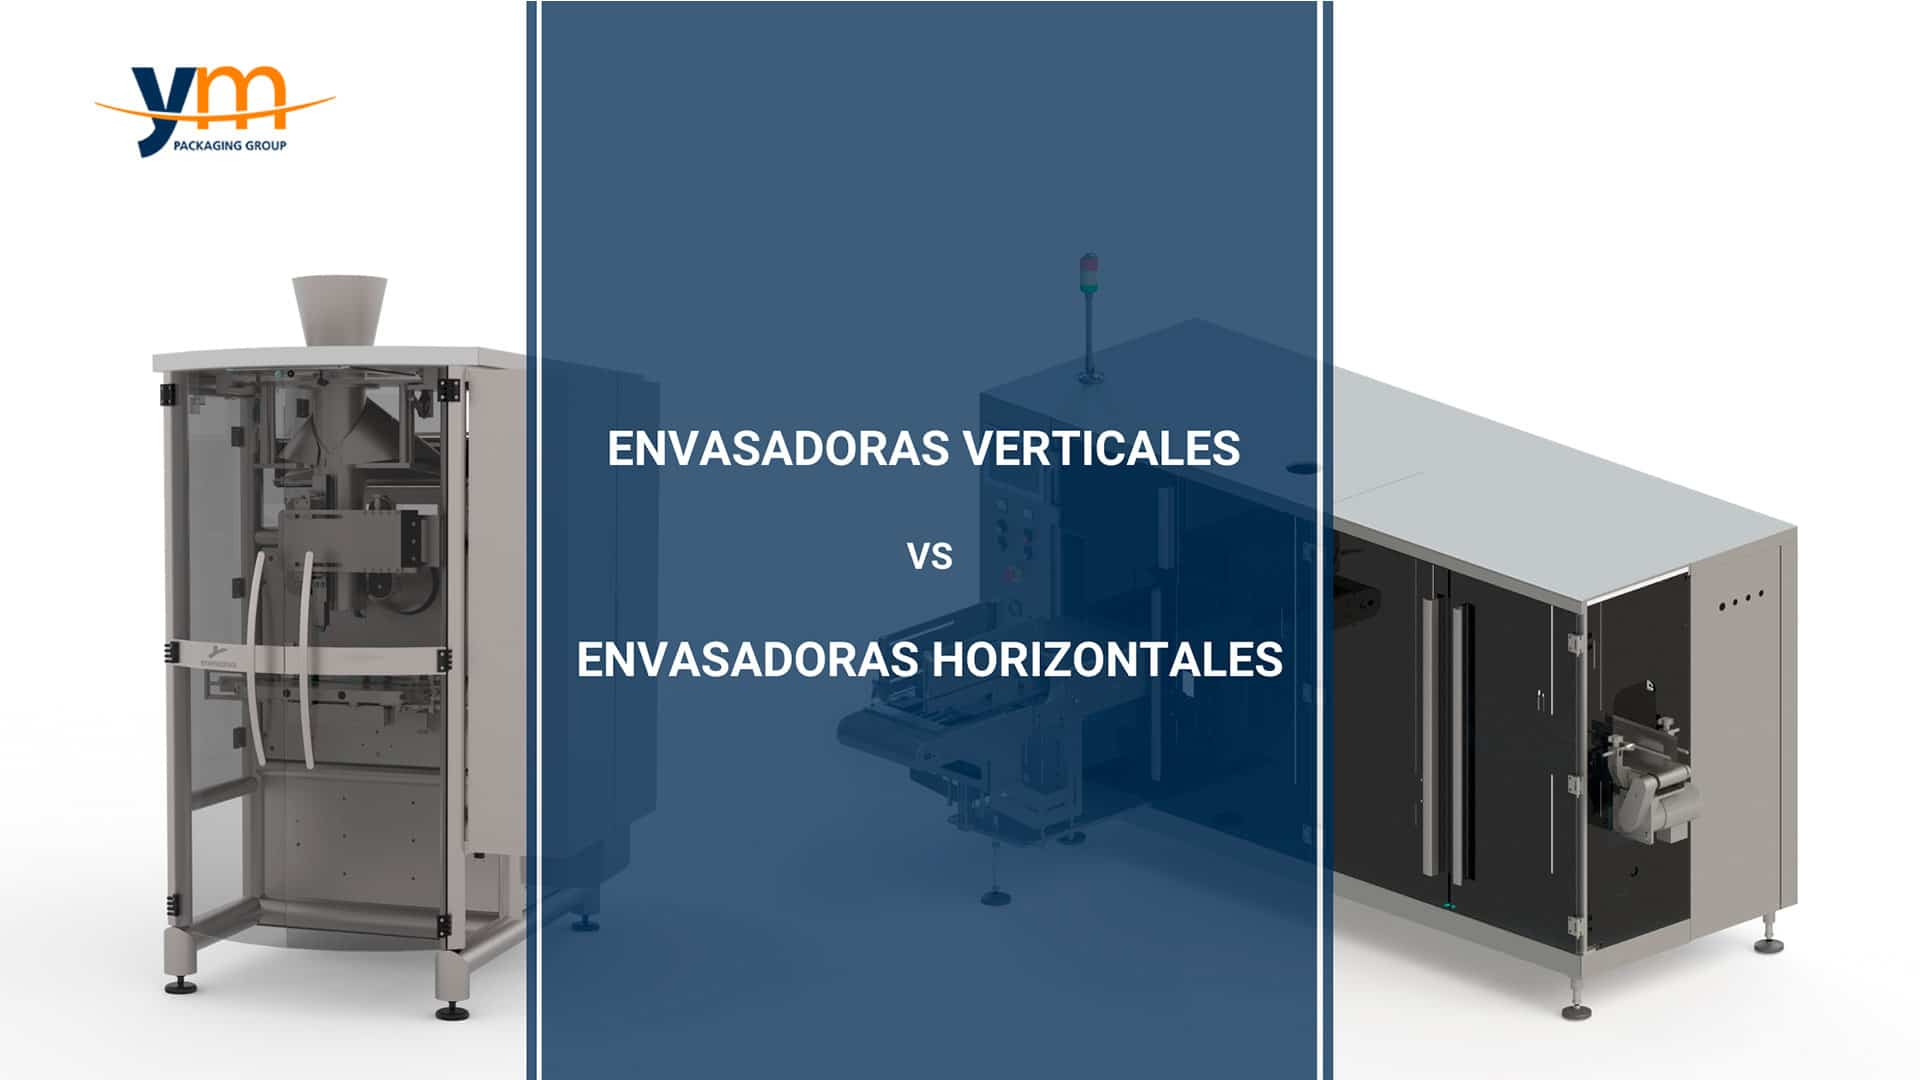 Envasadoras verticales VS Envasadoras horizontales